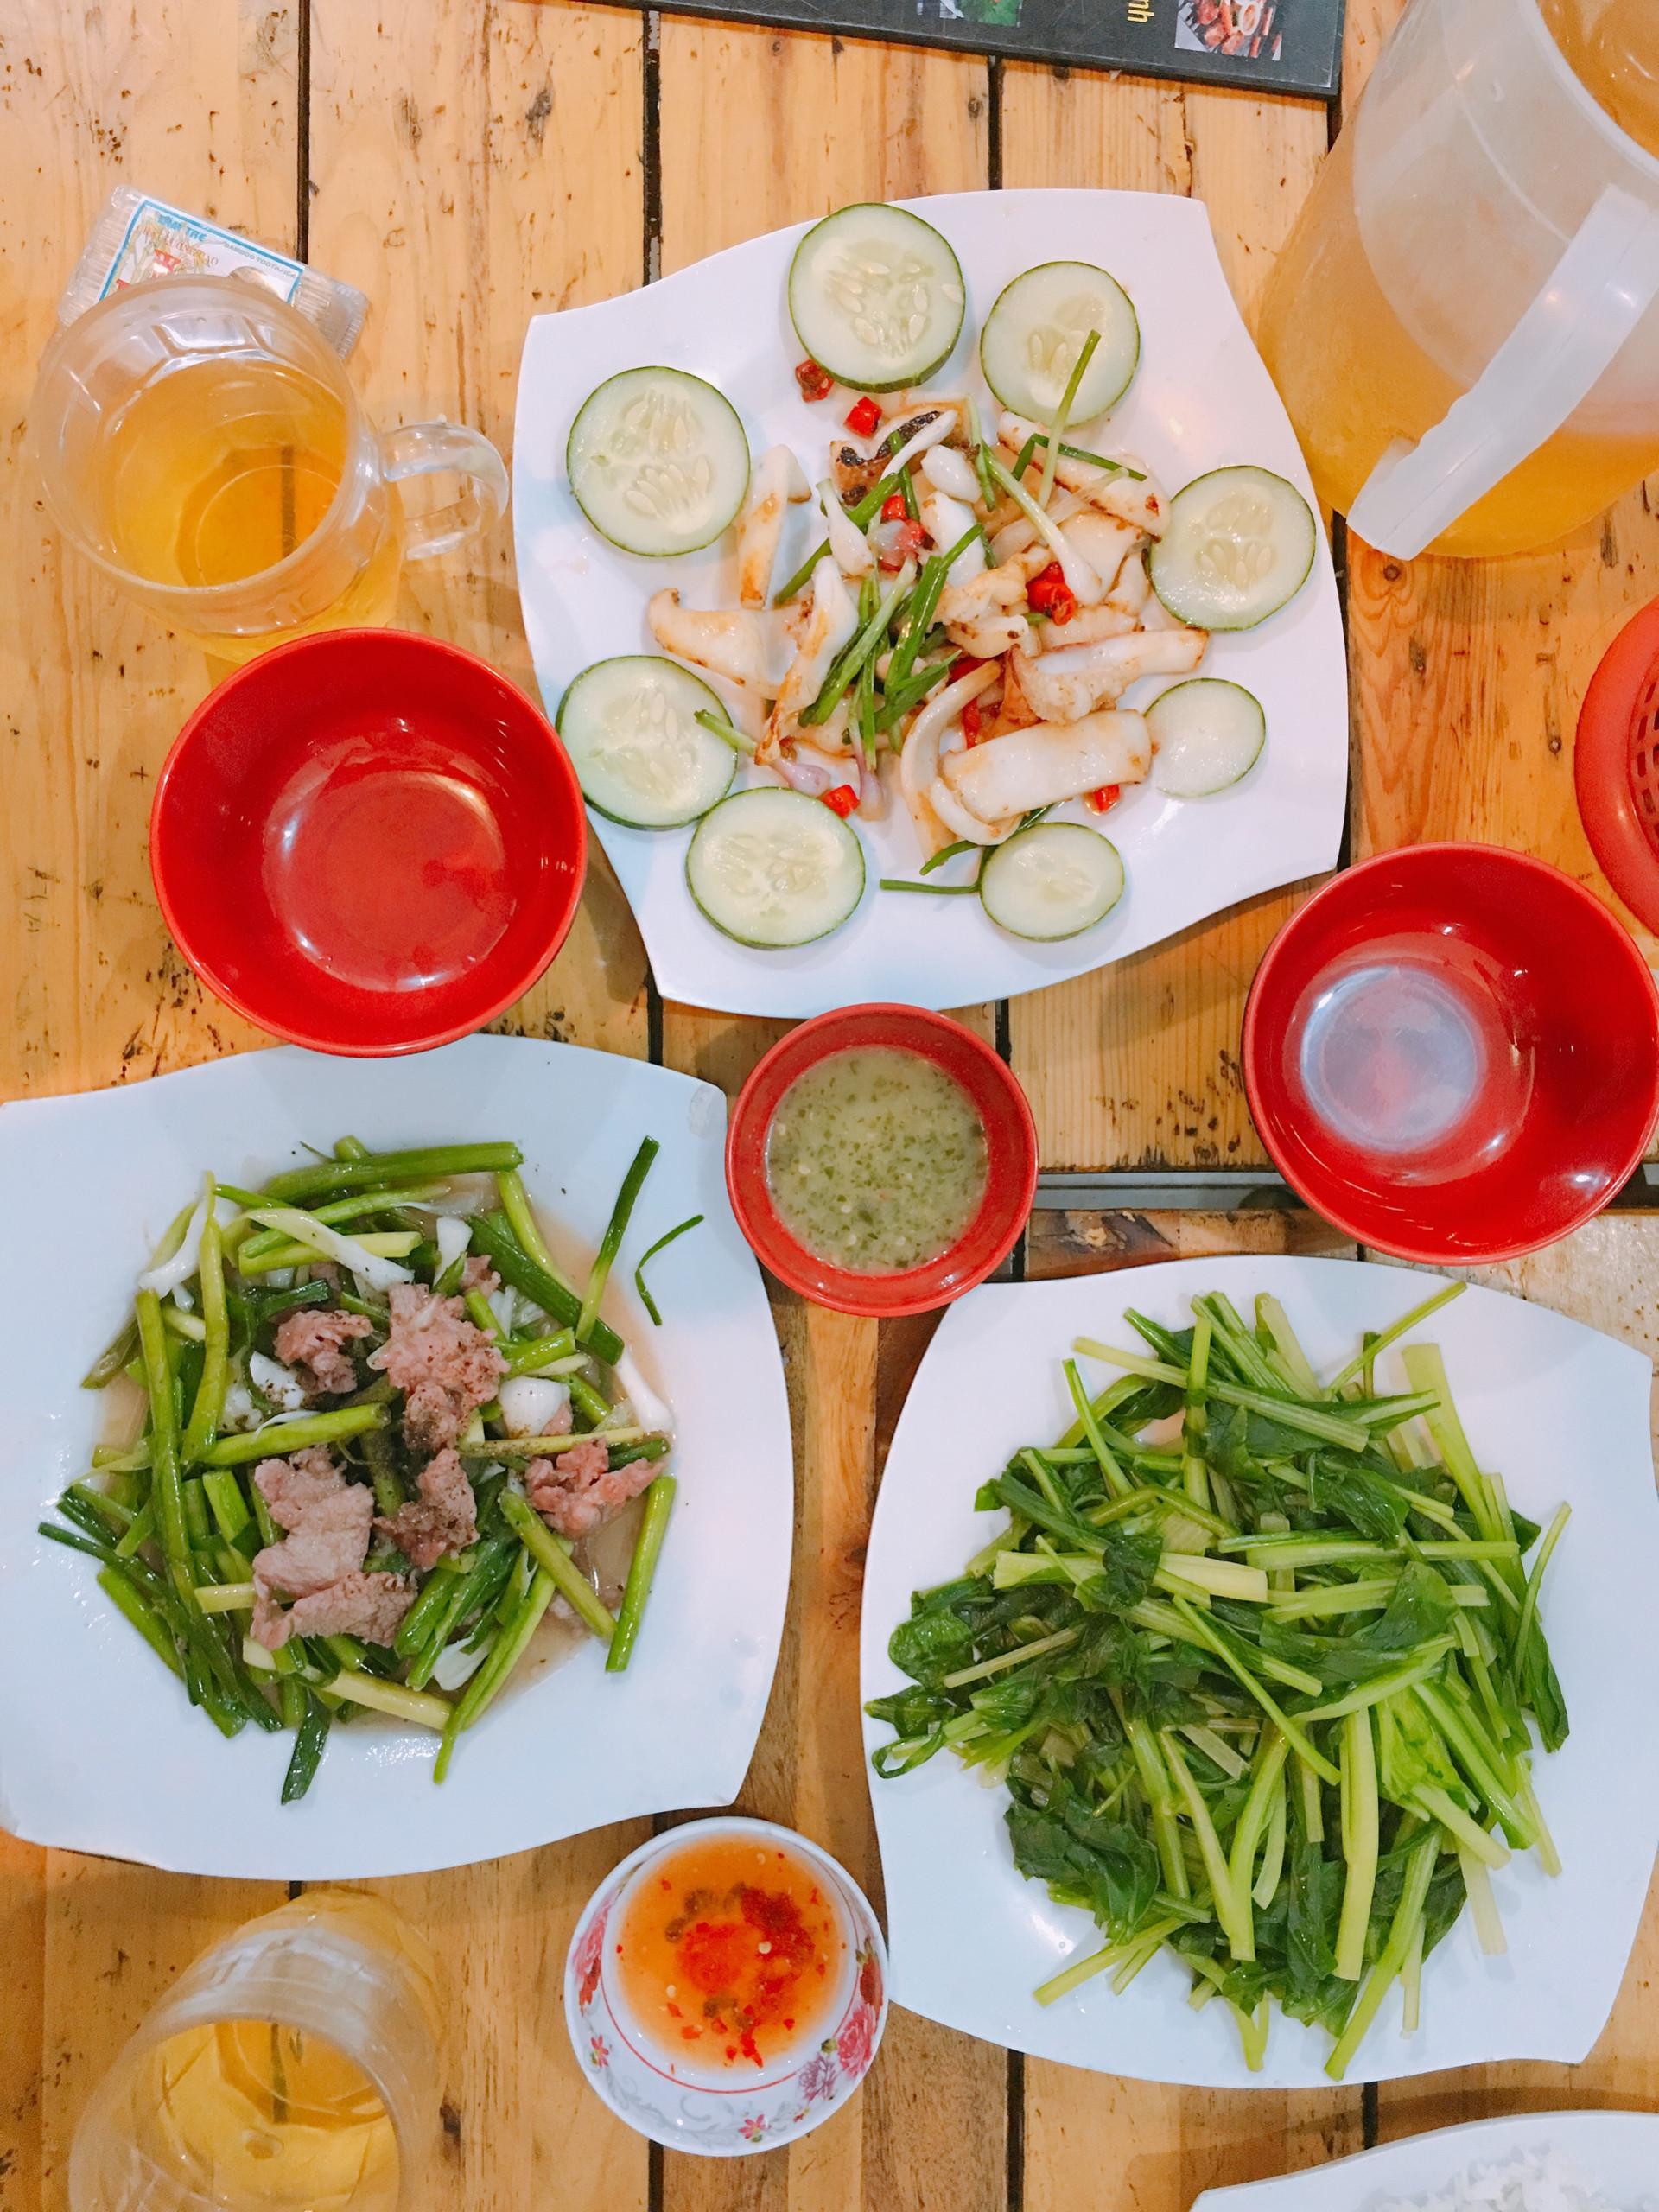 Bữa ăn đầy đủ với mực chiên, thịt bò xào rau tỏi, cải luộc với mù tạt.